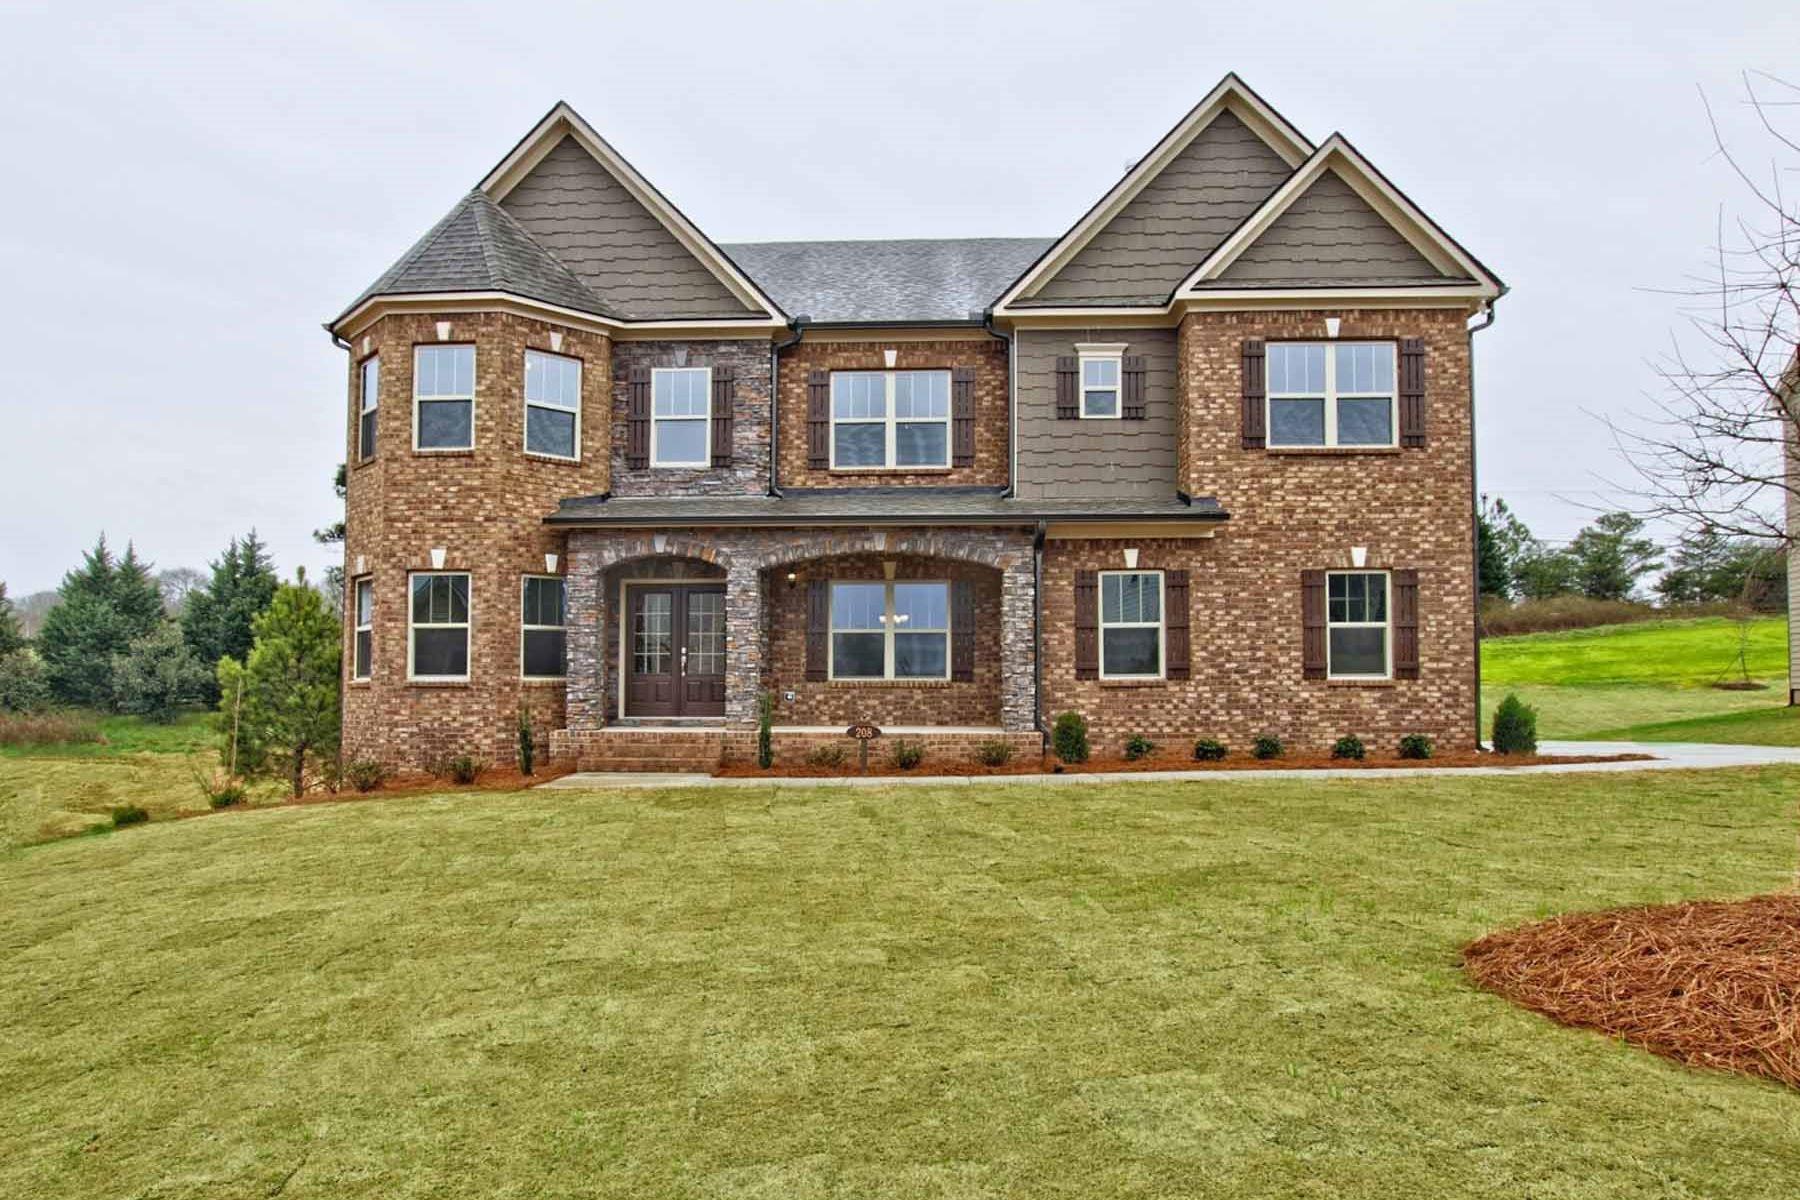 獨棟家庭住宅 為 出售 在 Expansive New Construction With Finished Basement 208 Wilde Oak Ct Canton, 喬治亞州, 30015 美國